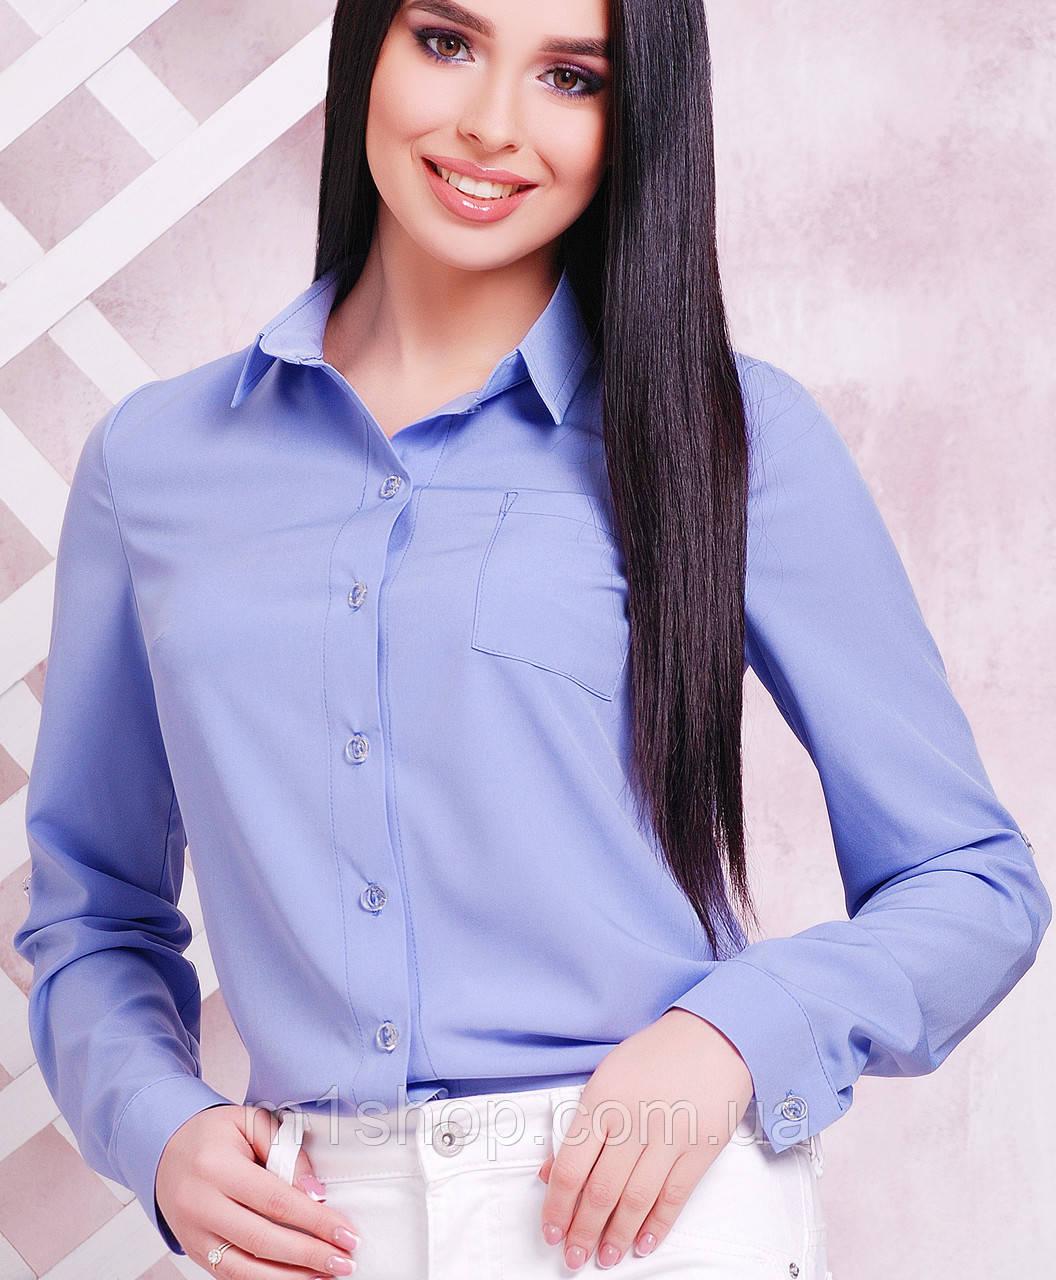 Женская классическая блузка-рубашка (1710 mrs)